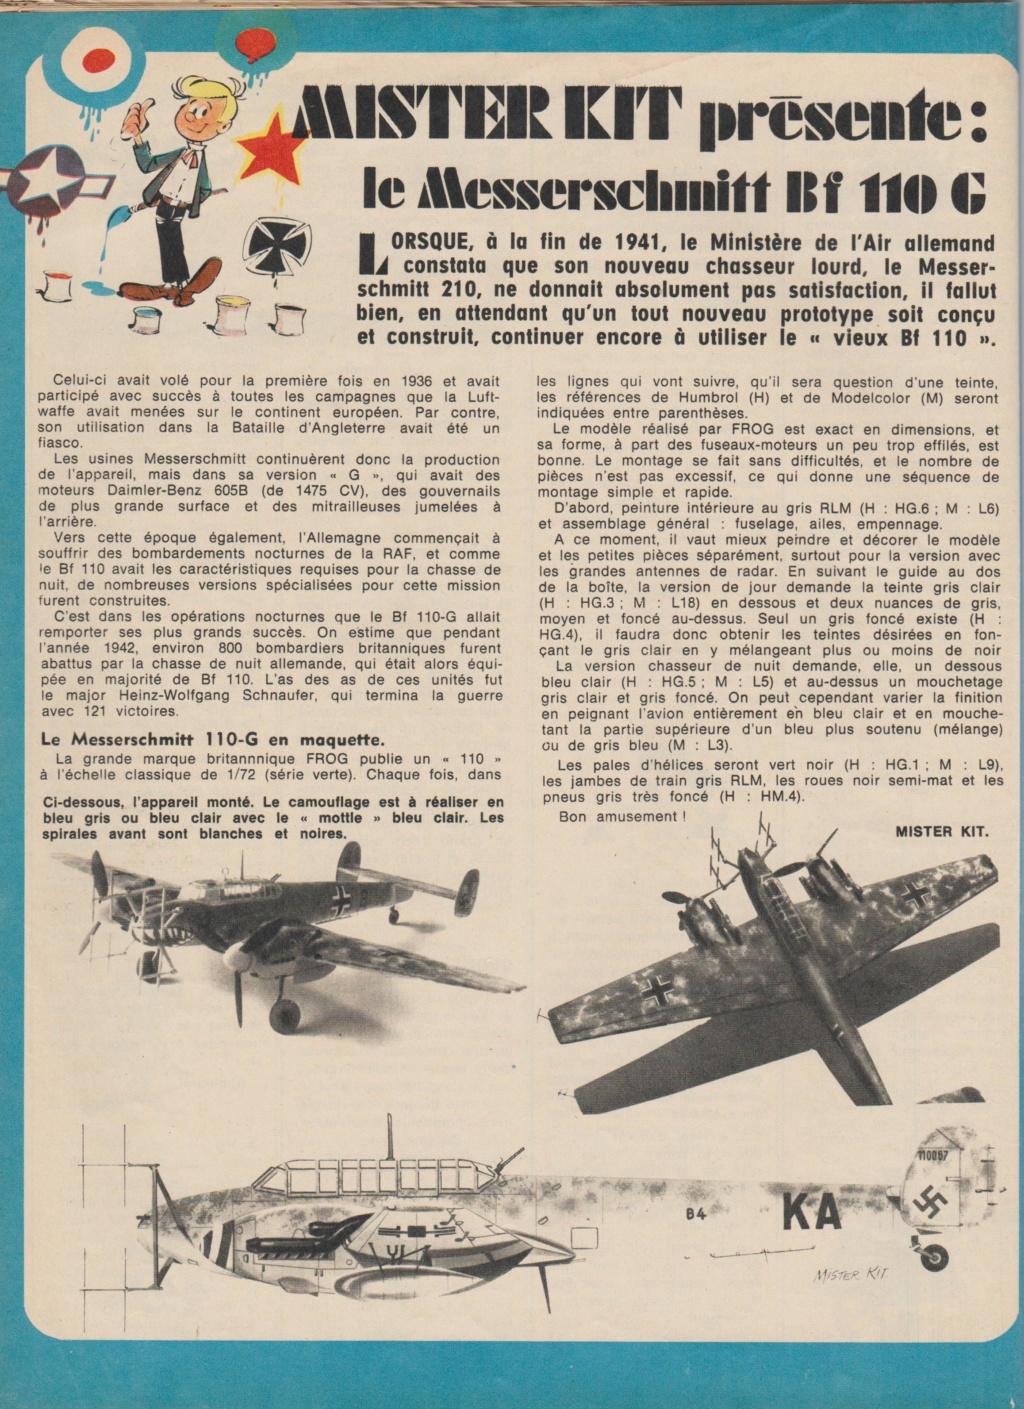 rubrique hommage  à Mister Kit  - Page 9 Spirou31